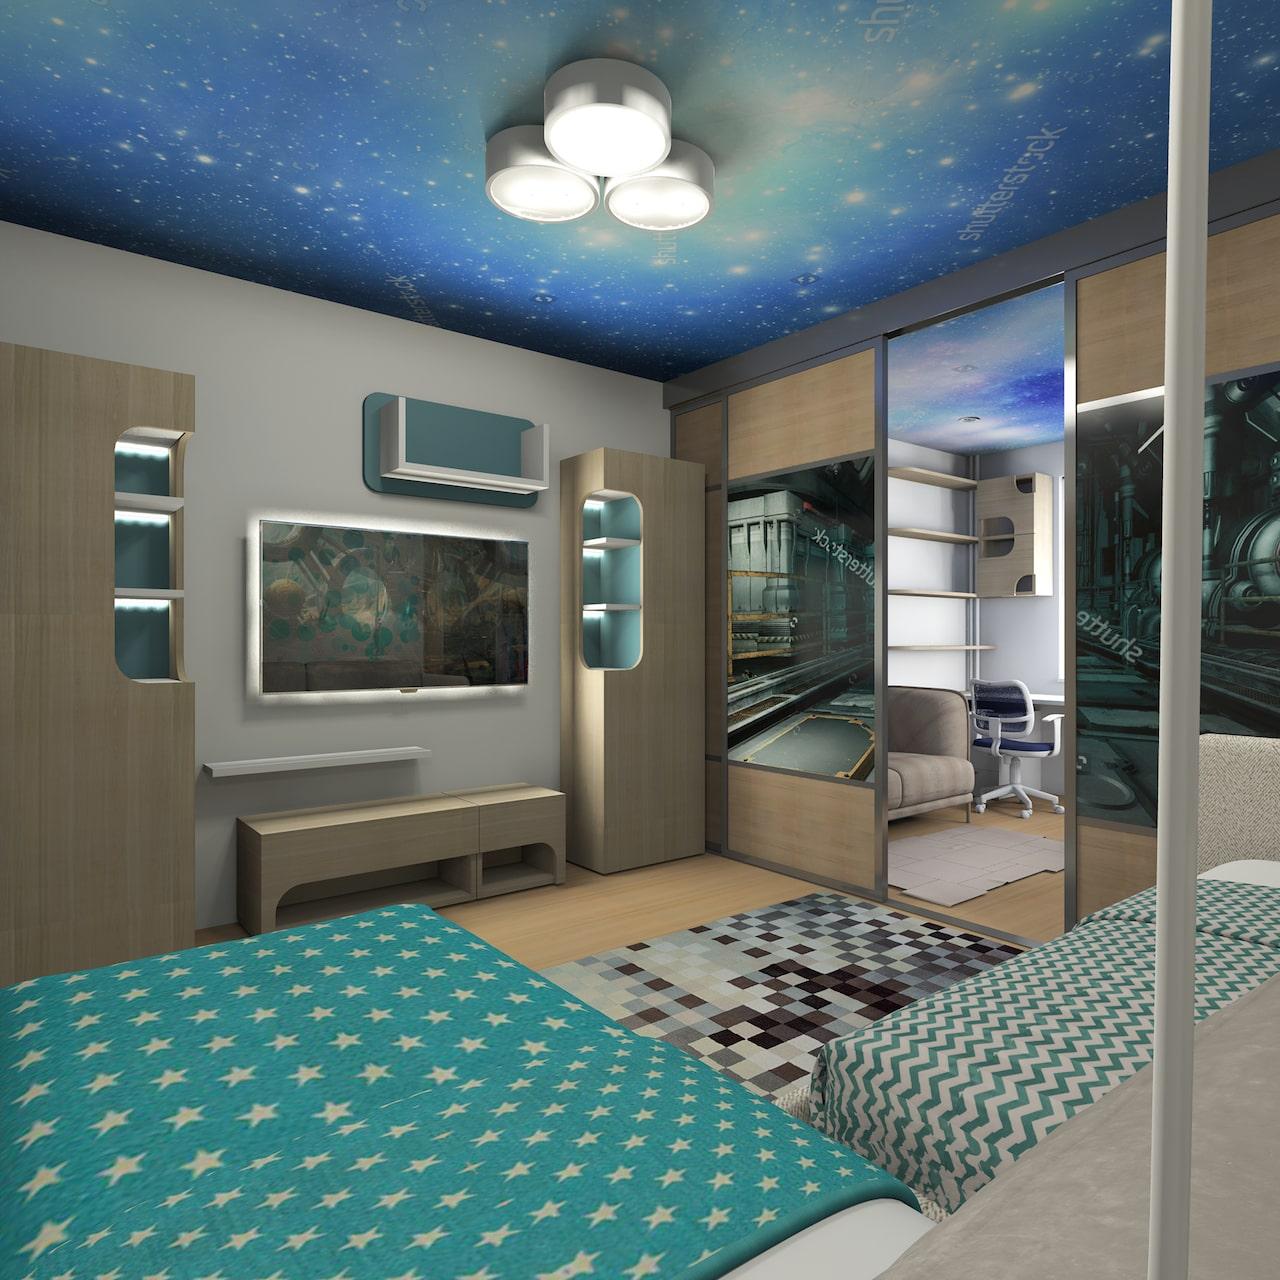 детская комната для мальчика фото 39